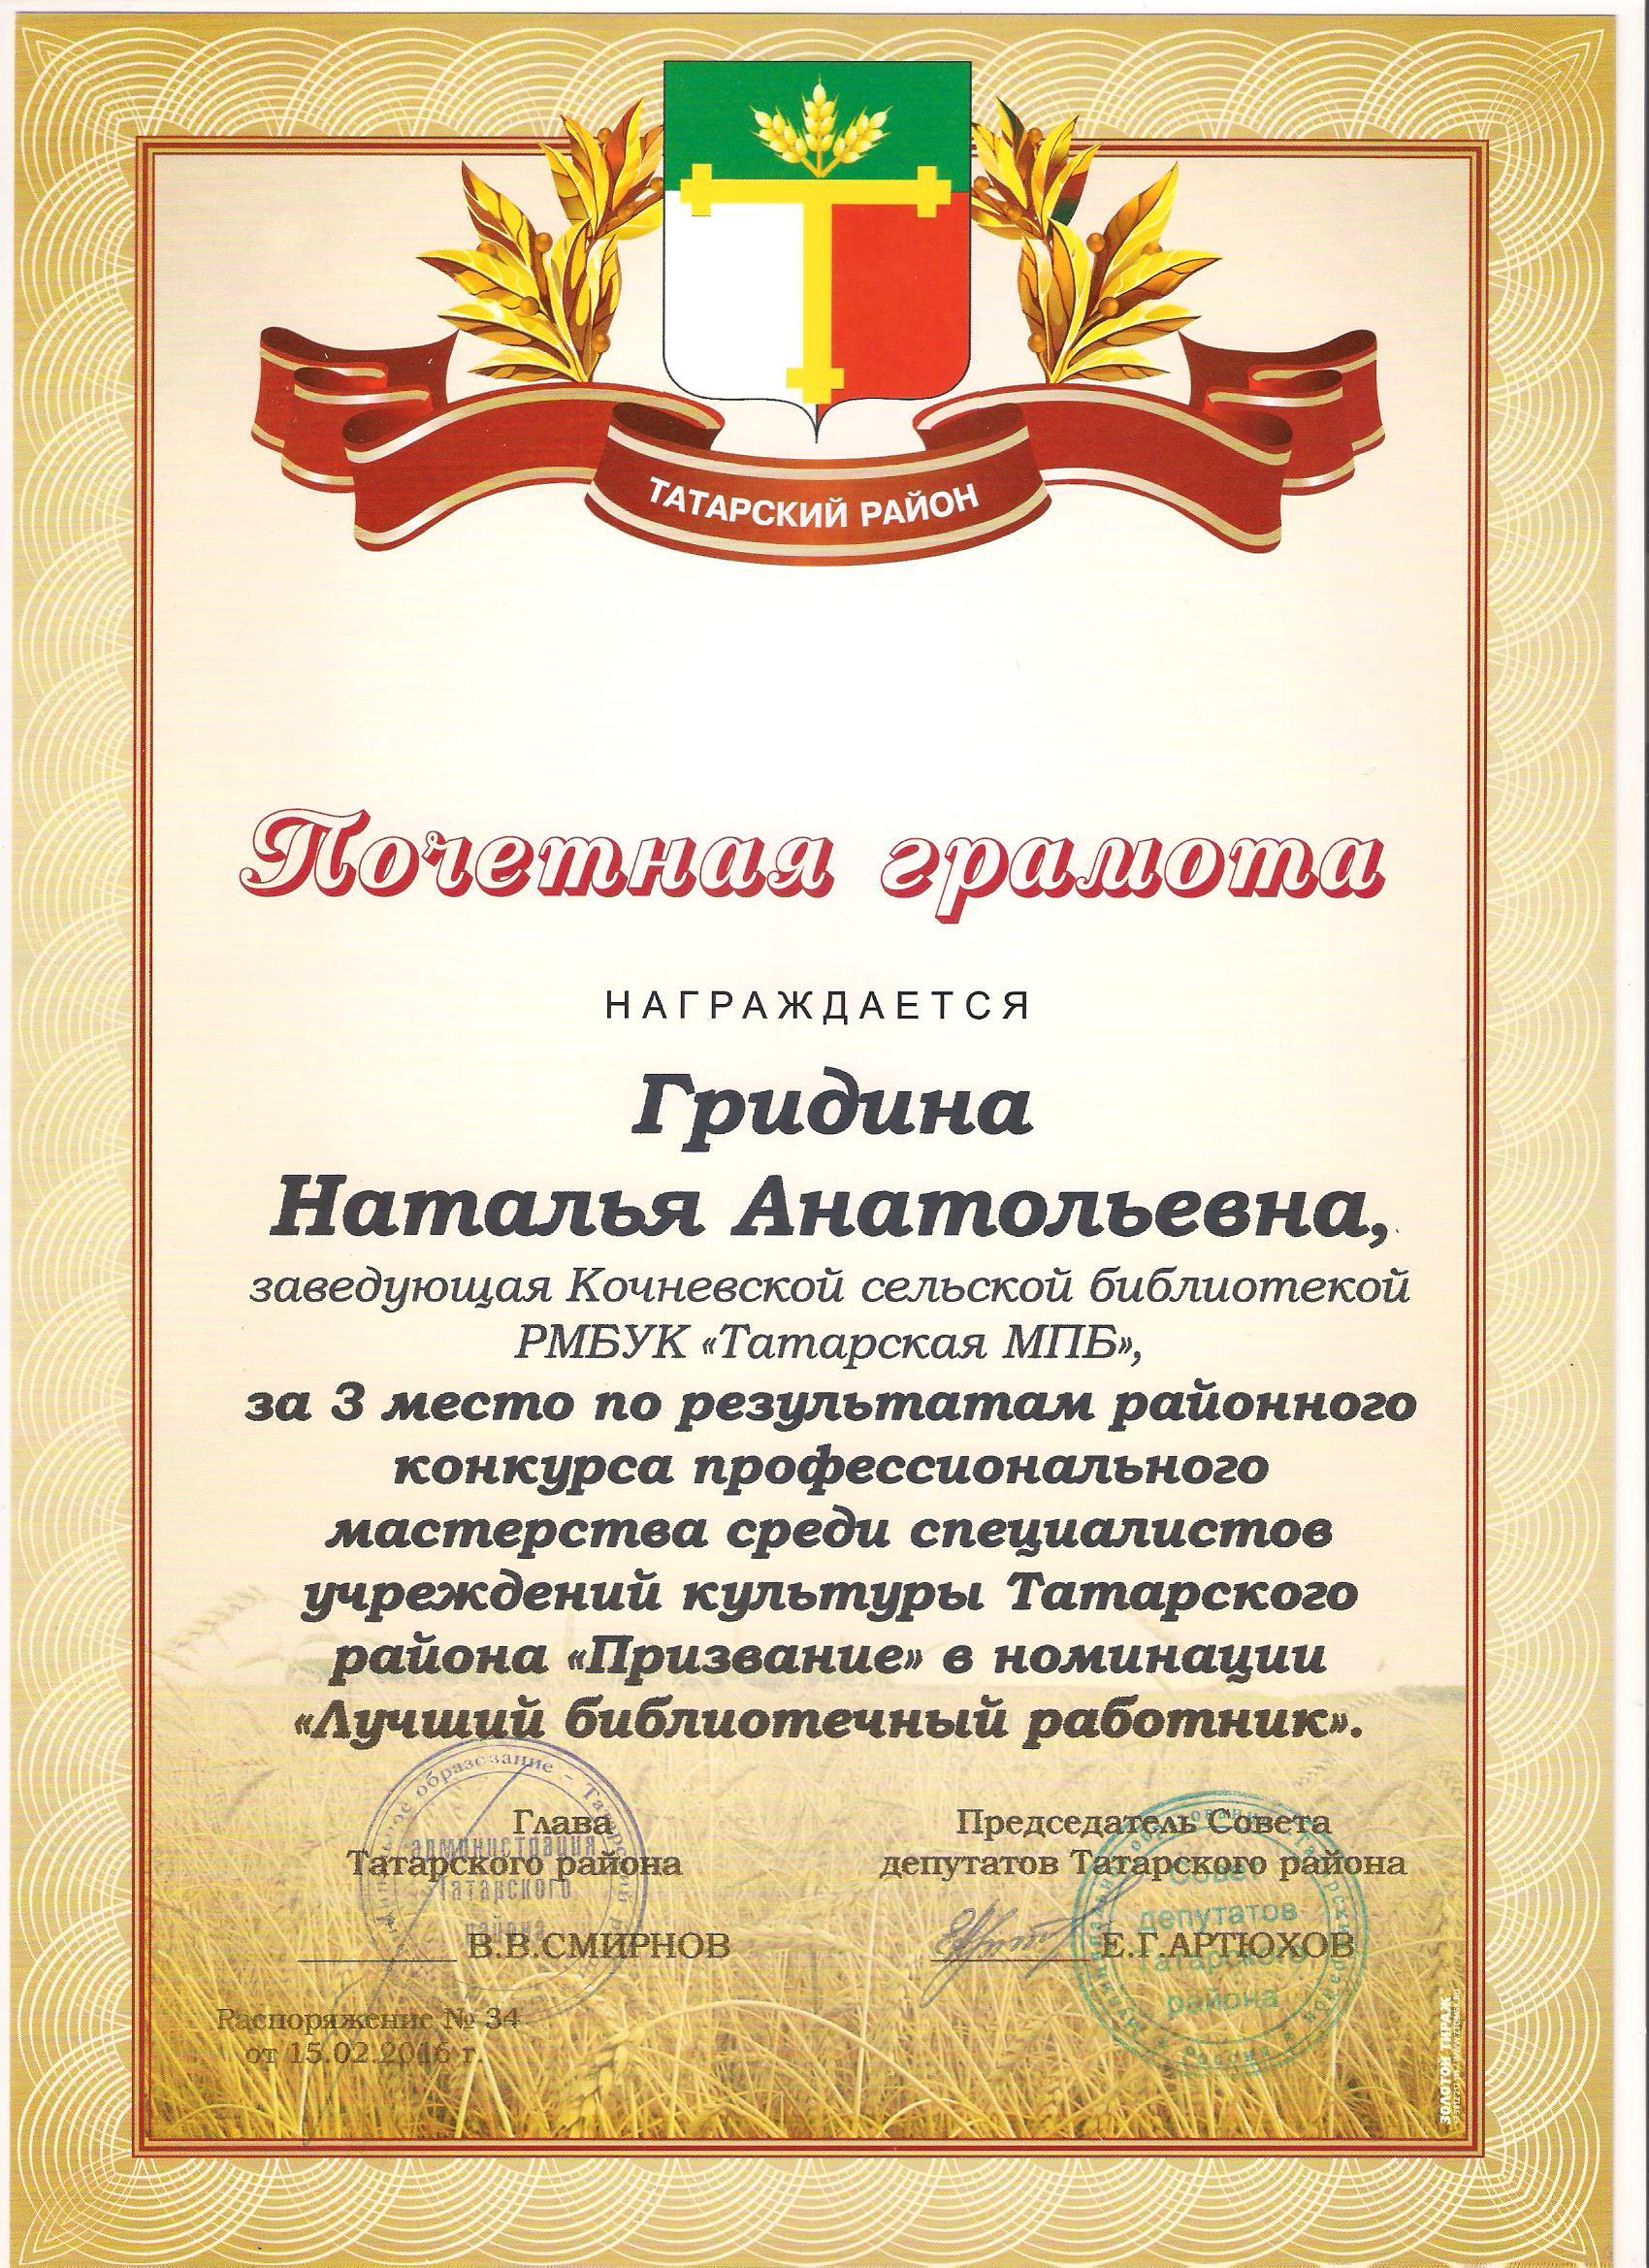 Поздравления с победой на конкурсе мастерства